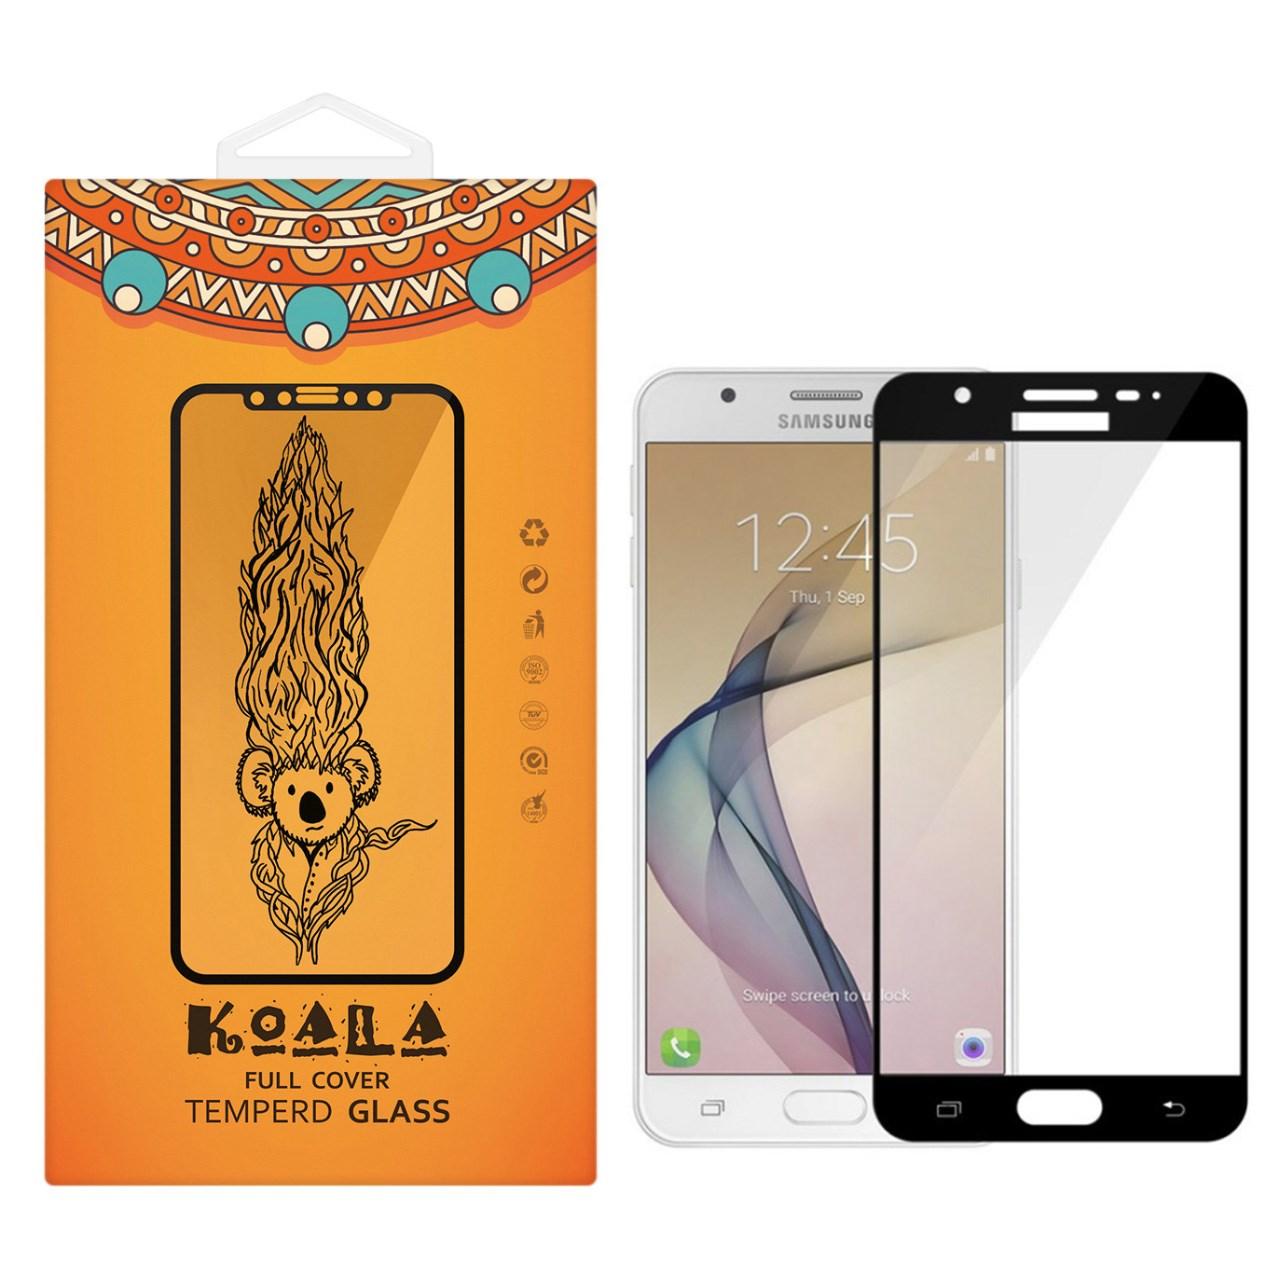 محافظ صفحه نمایش شیشه ای کوالا مدل Full Cover مناسب برای گوشی موبایل سامسونگ Galaxy J5 Prime              ( قیمت و خرید)